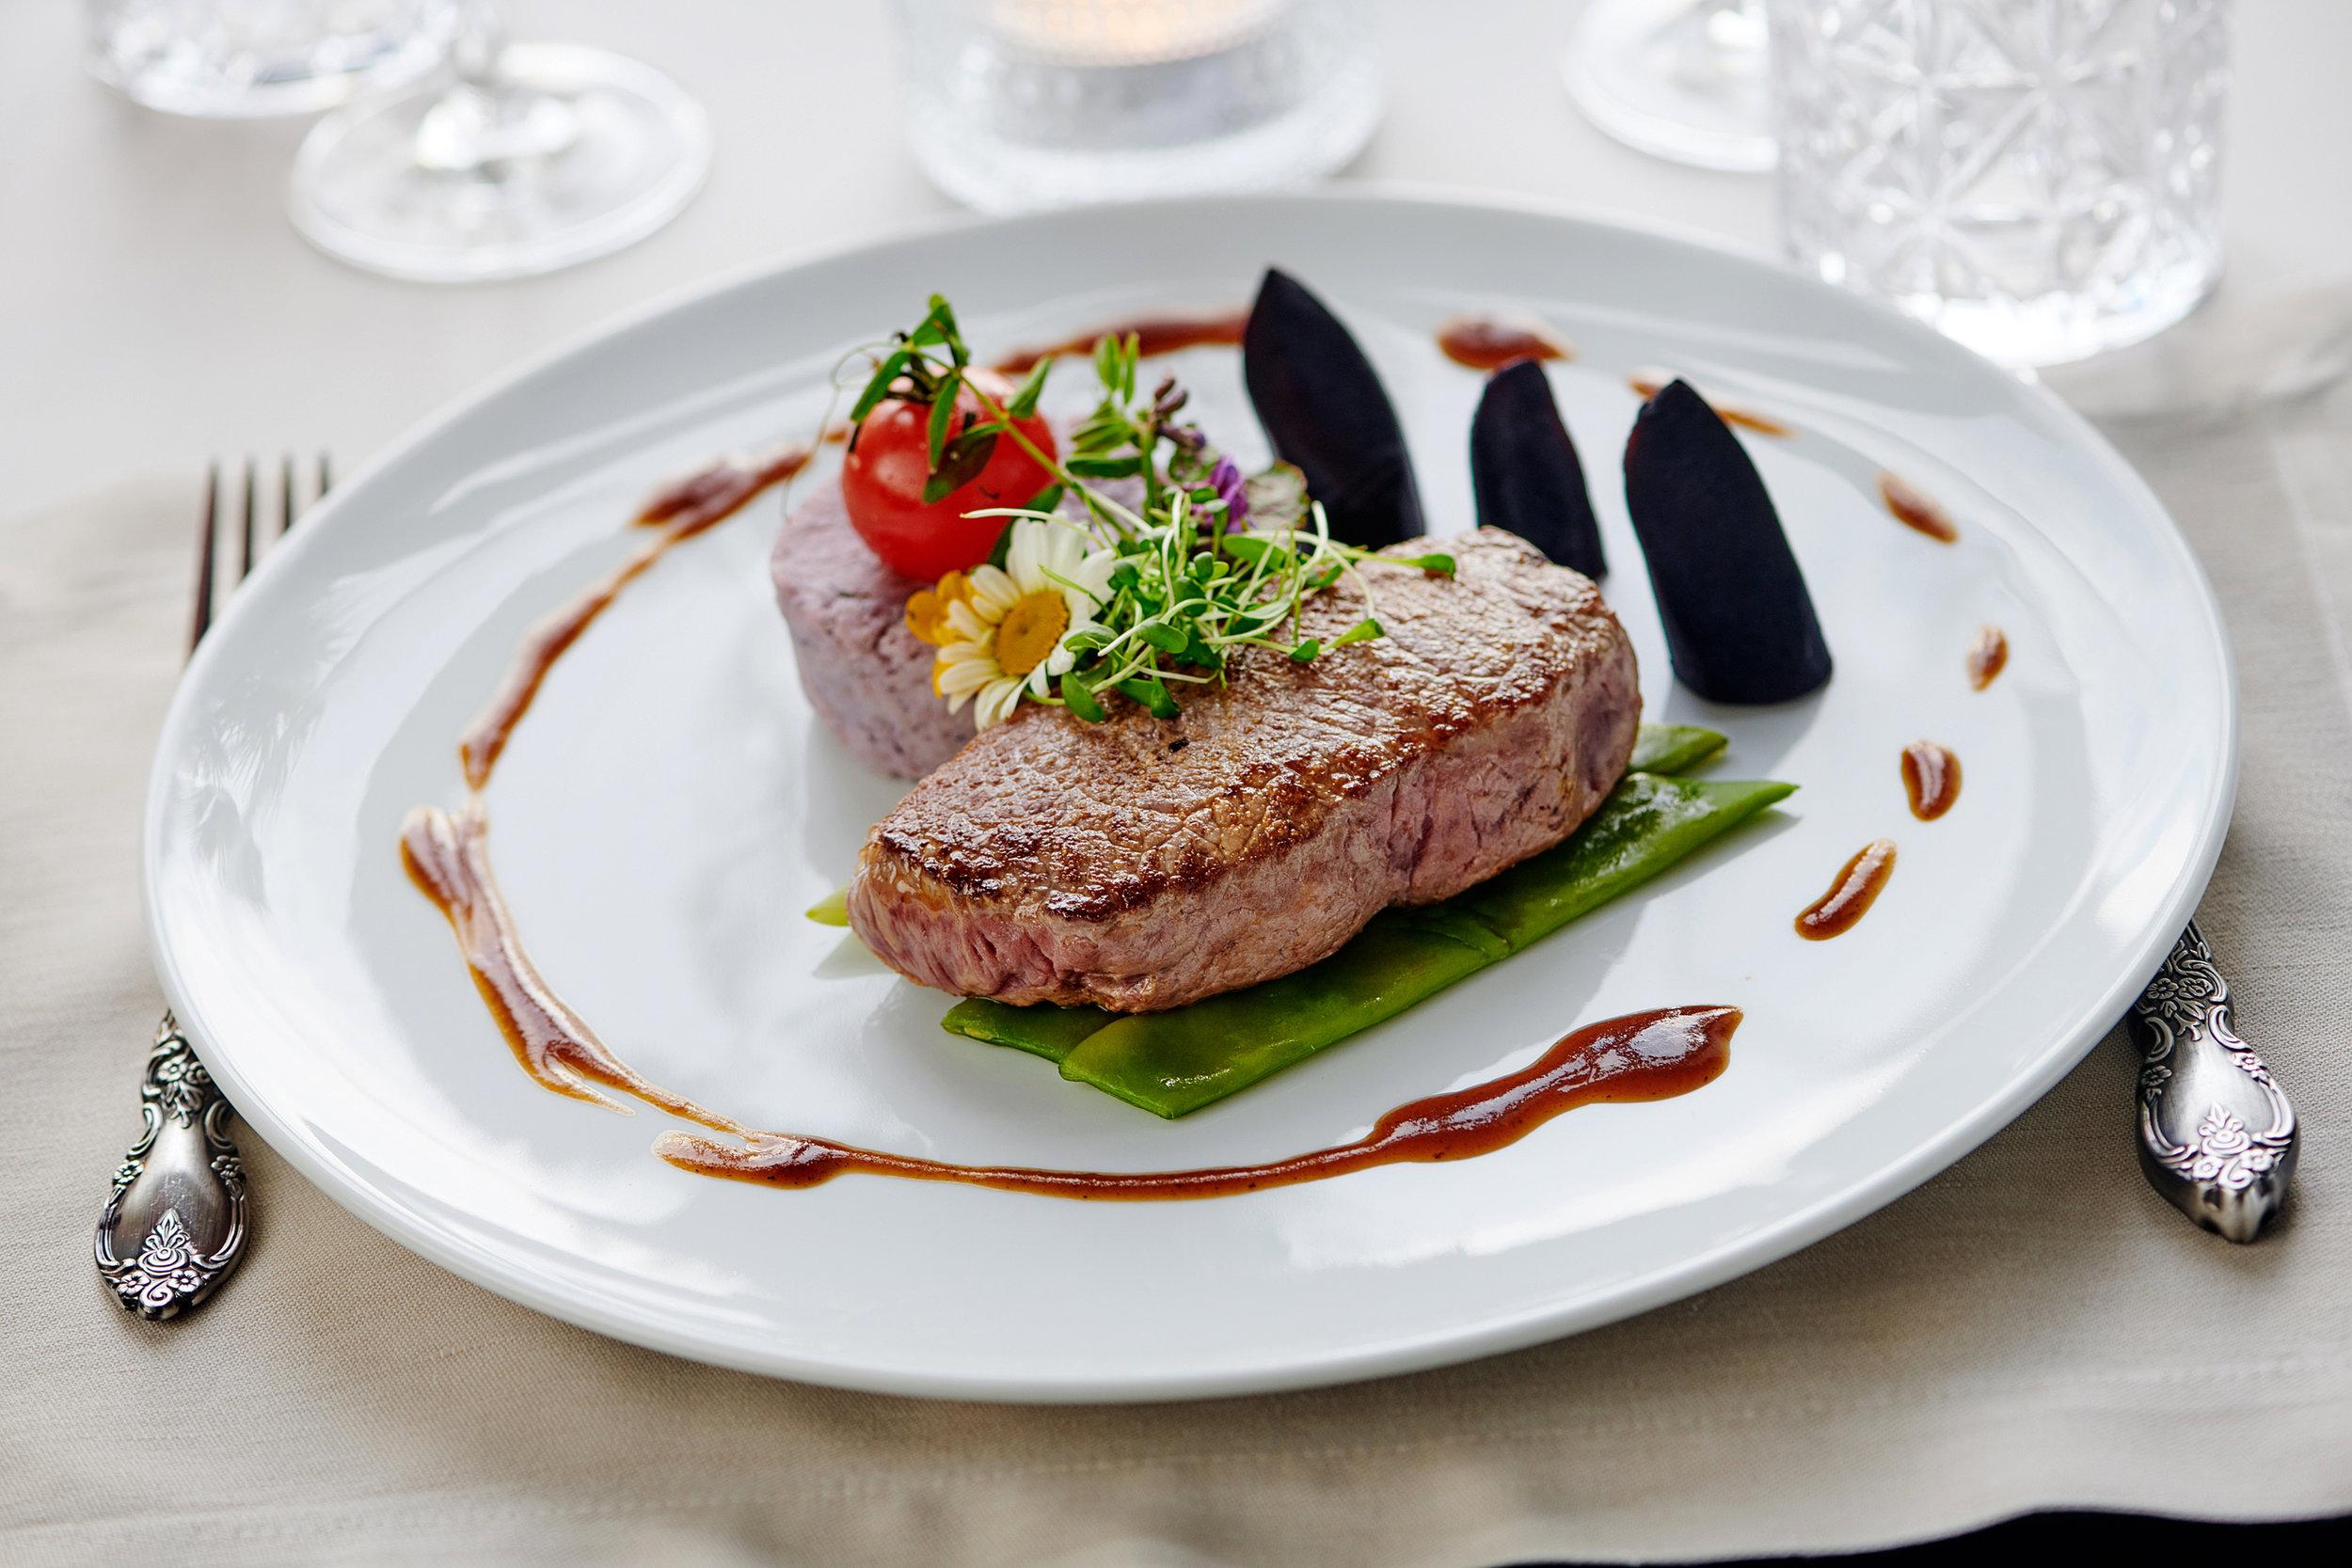 Restaurant_Zuerichberg_Sorell_Hotel_Zuerichberg_Food_3.jpg